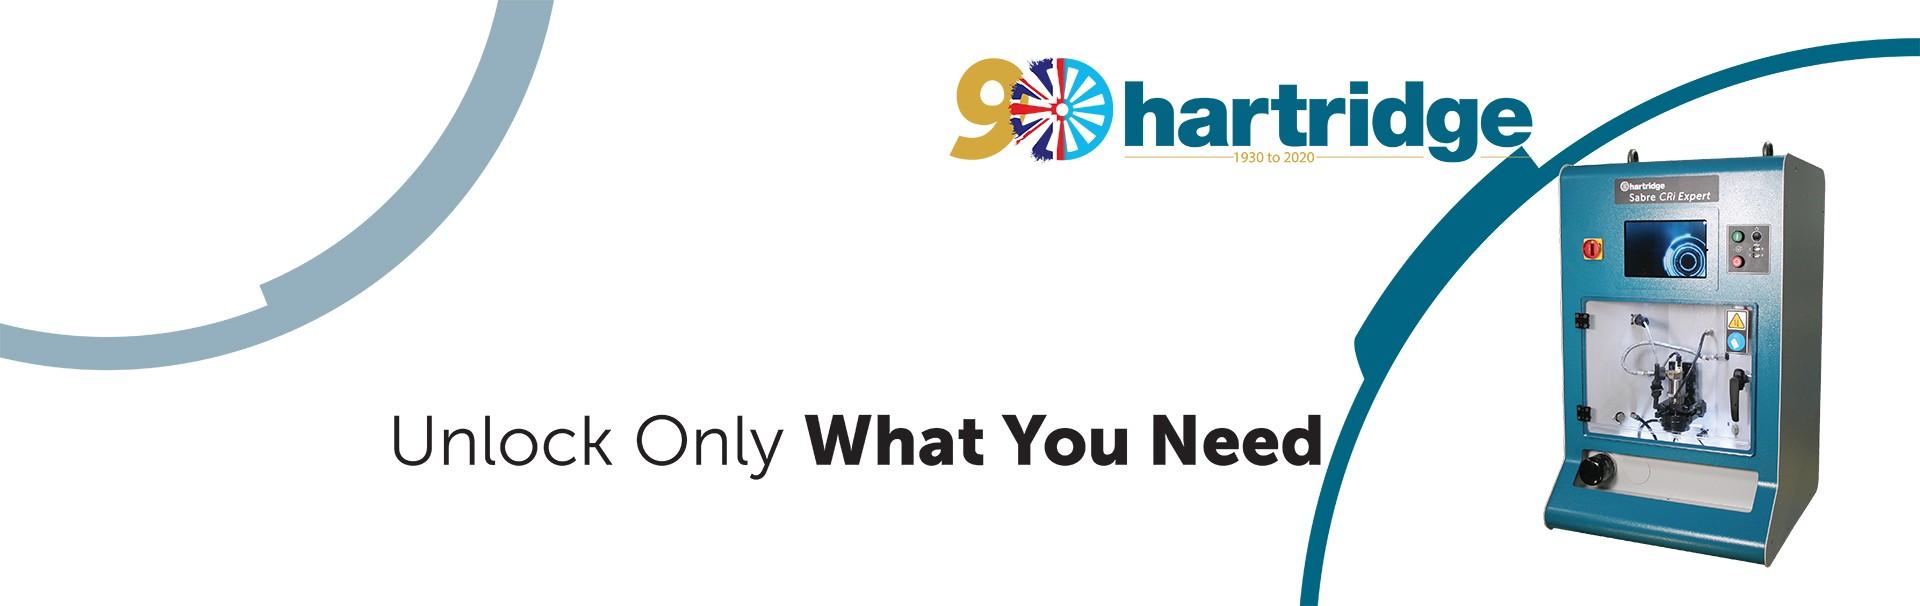 <p><a href='https://www.hartridge.shop/guides/'>More Details</a></p>